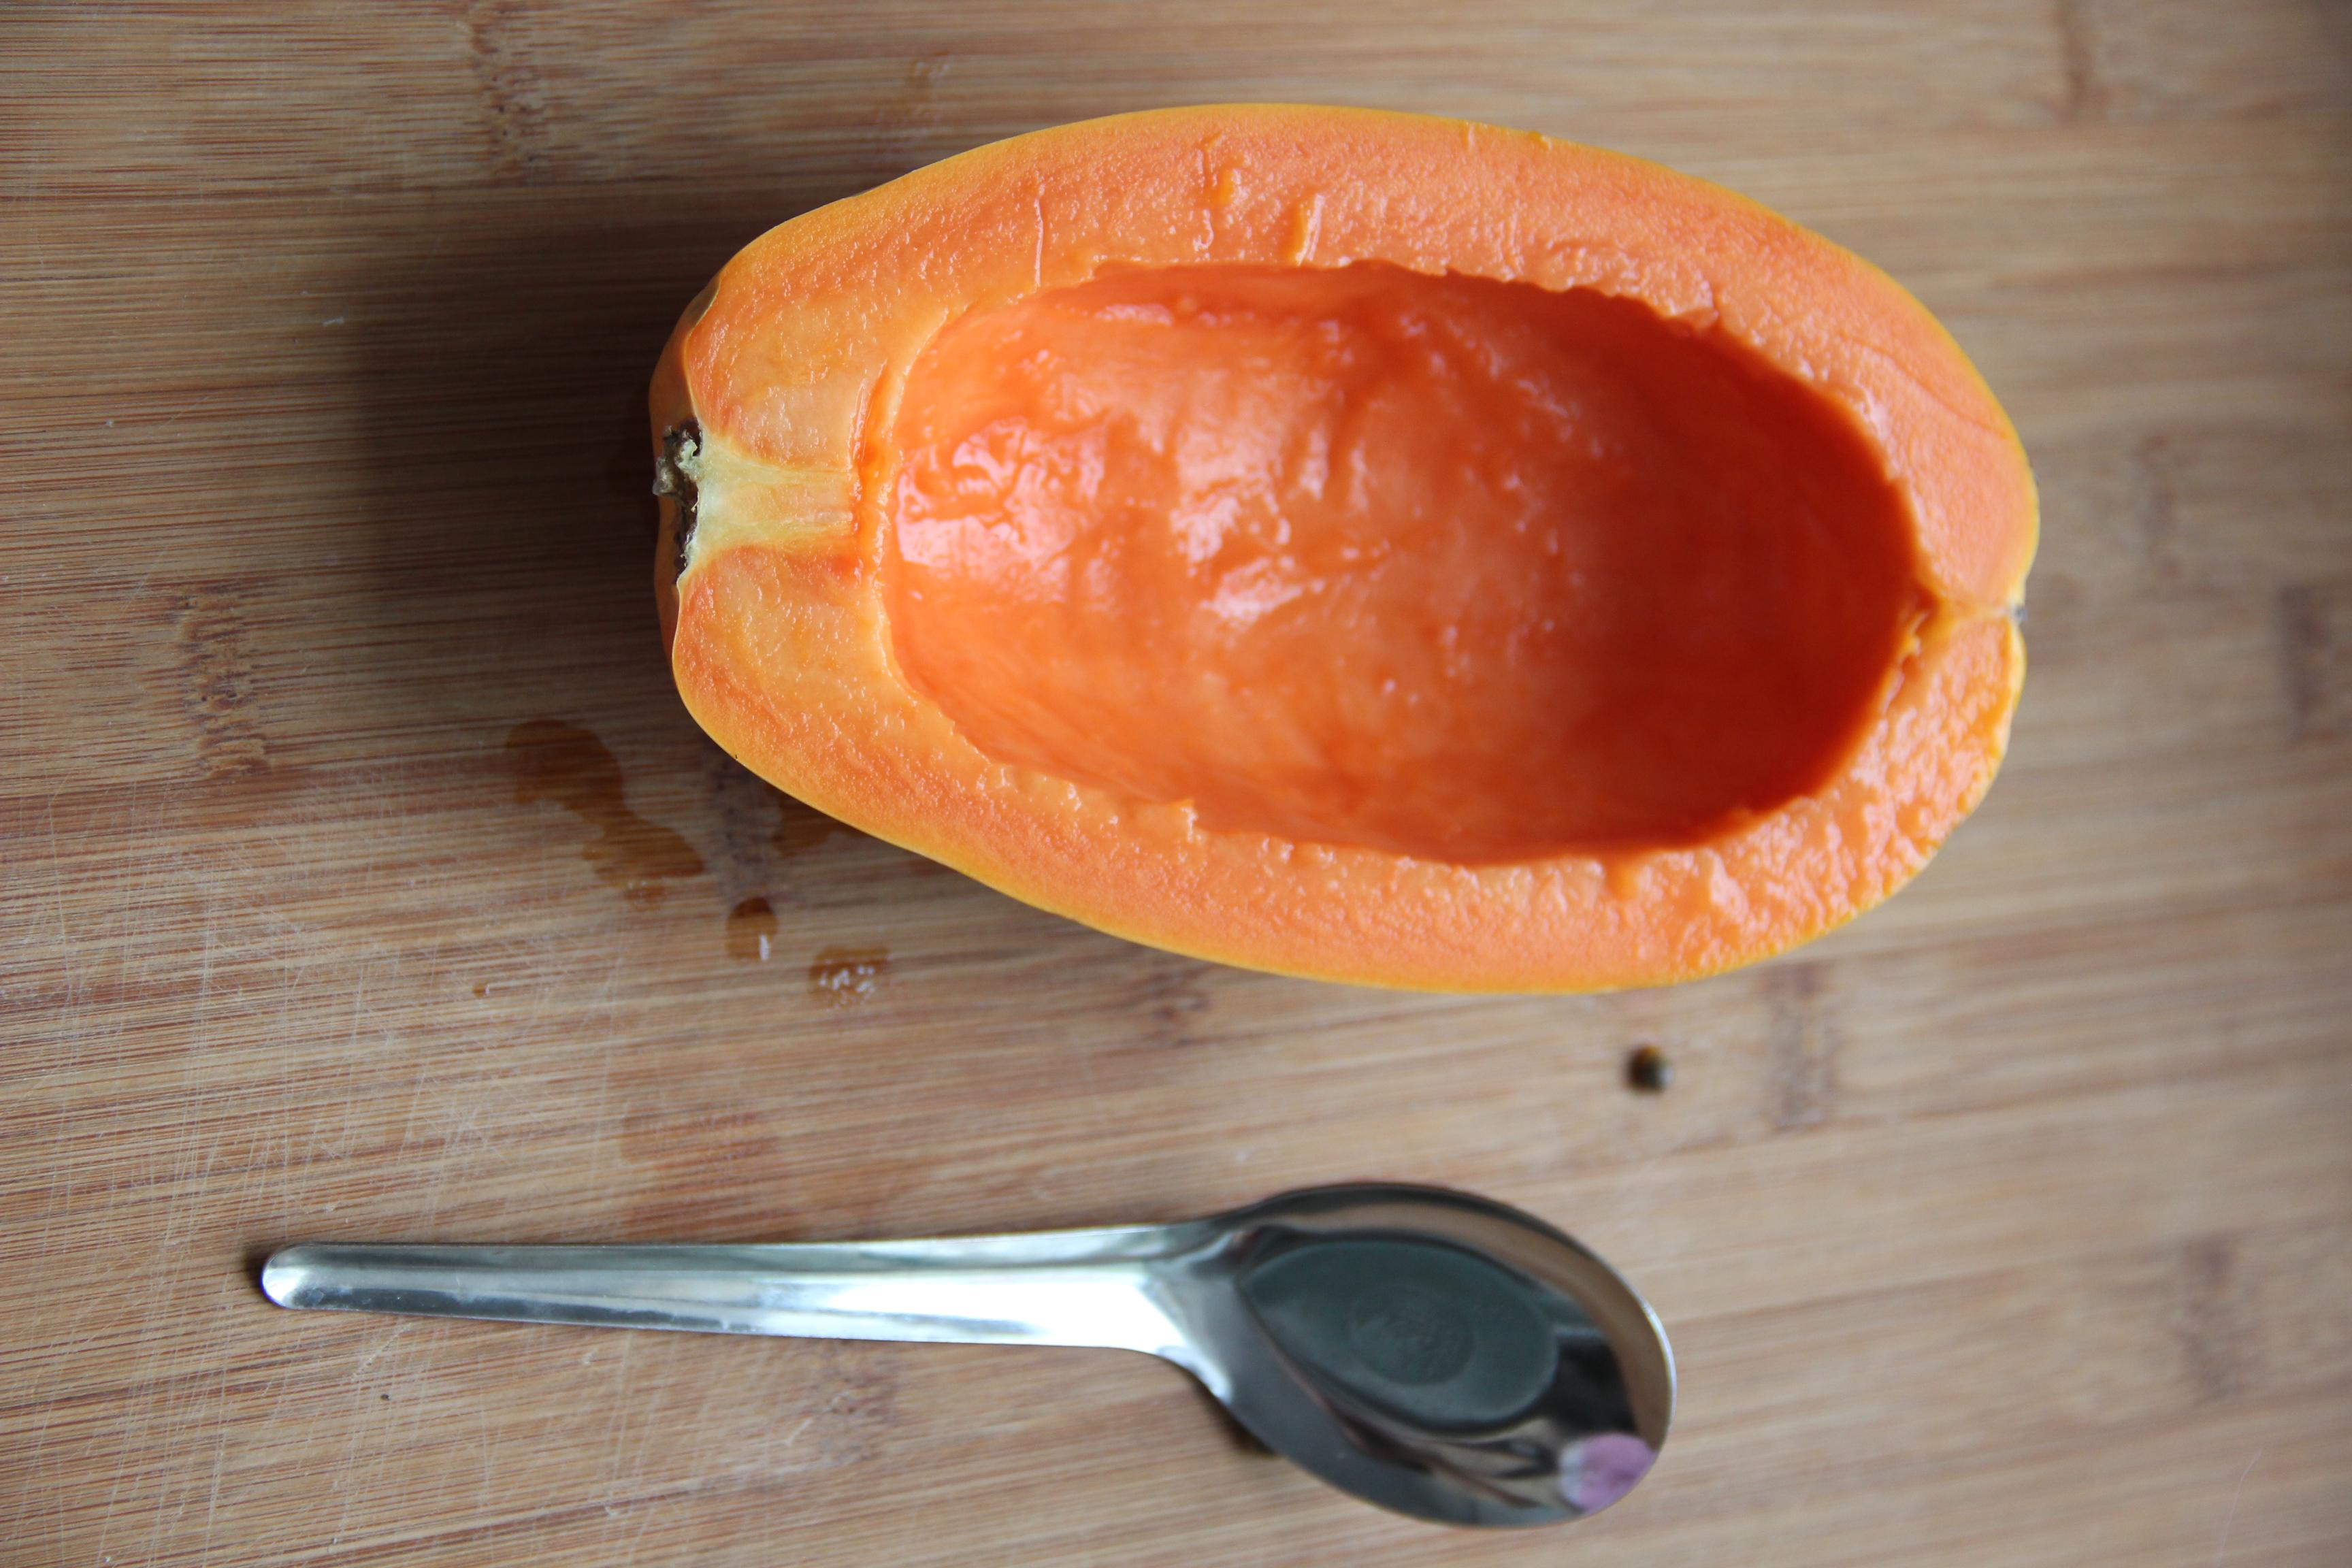 木瓜芦荟养生盅的做法_【图解】木瓜芦荟养生盅怎么做